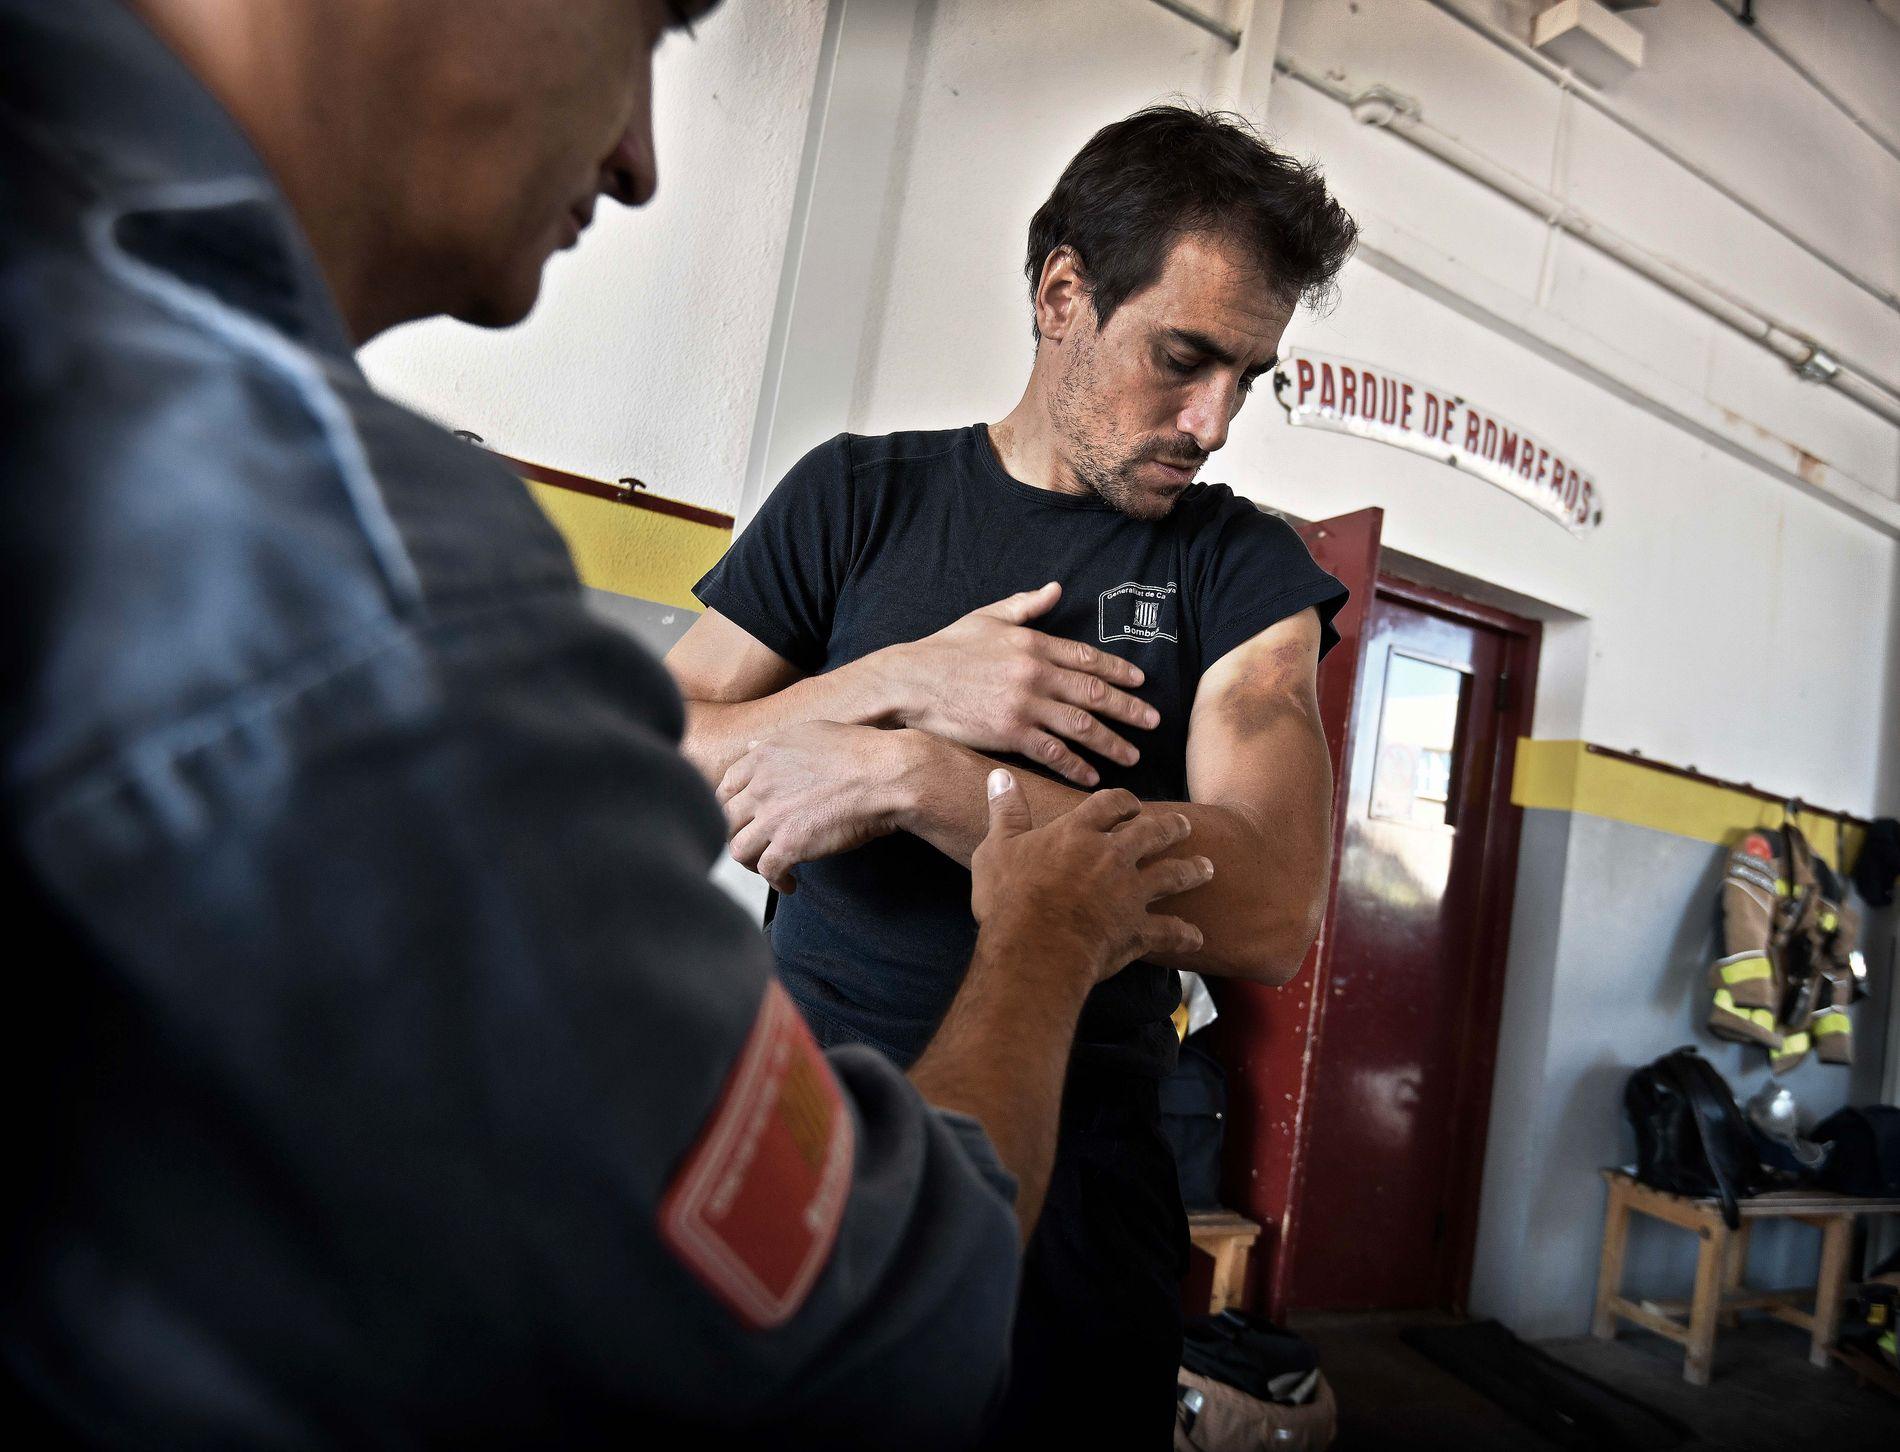 BLÅMERKER: Det gikk hardt ut over brannmann Samuel Colomer ( 38) og hans kollega Esteve Serdá (43, t.v.) , da de sto mellom katalanske sivile og spansk politi under uavhengighetsavtstemningen i Catalonia. Foto: HARALD HENDEN, VG